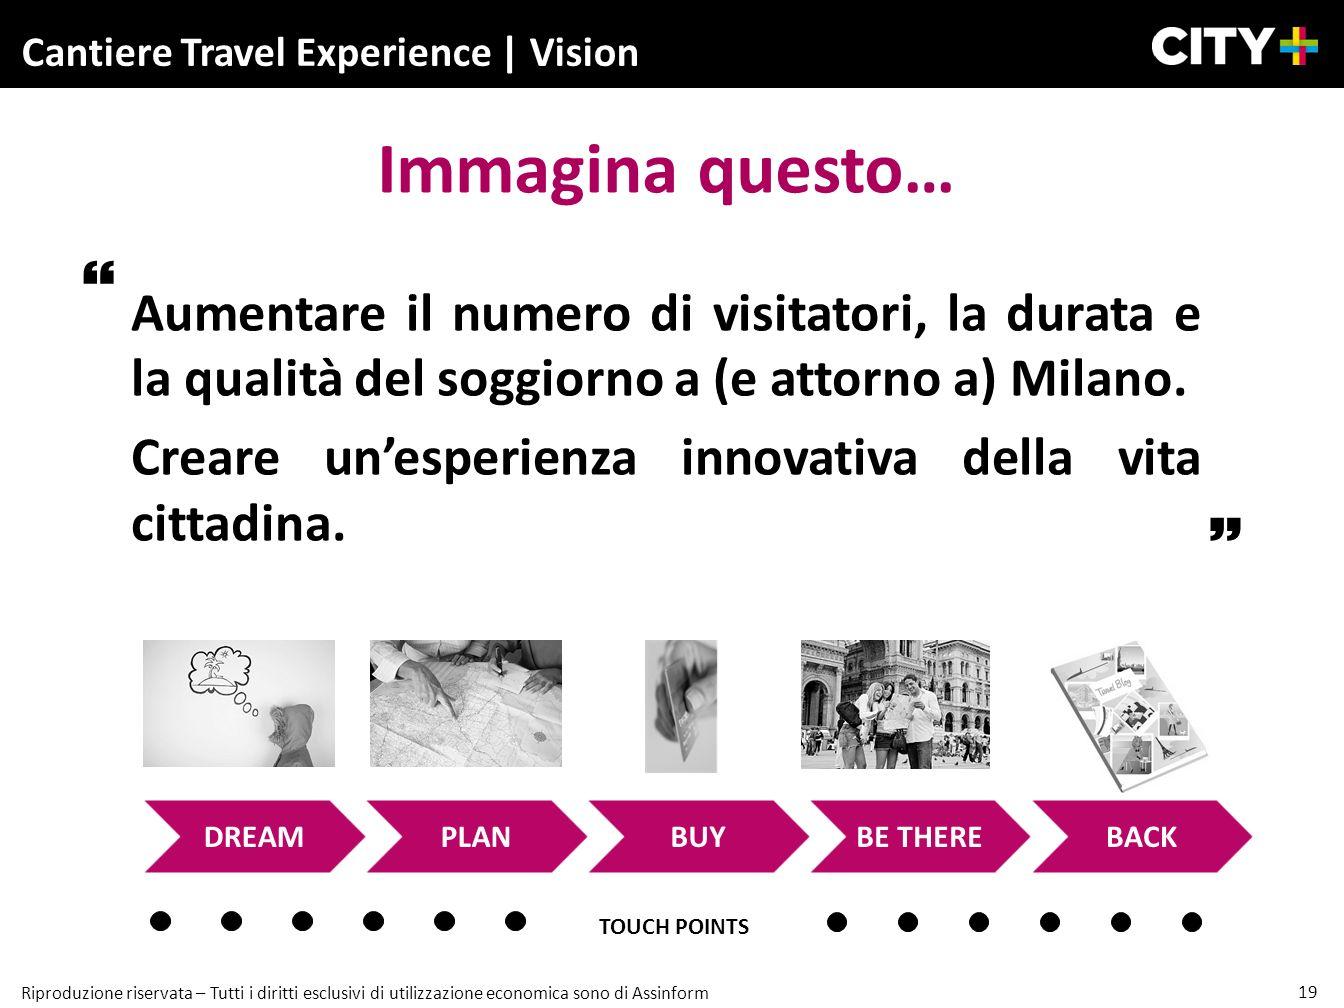 19 Riproduzione riservata – Tutti i diritti esclusivi di utilizzazione economica sono di Assinform Cantiere Travel Experience | Vision Immagina questo